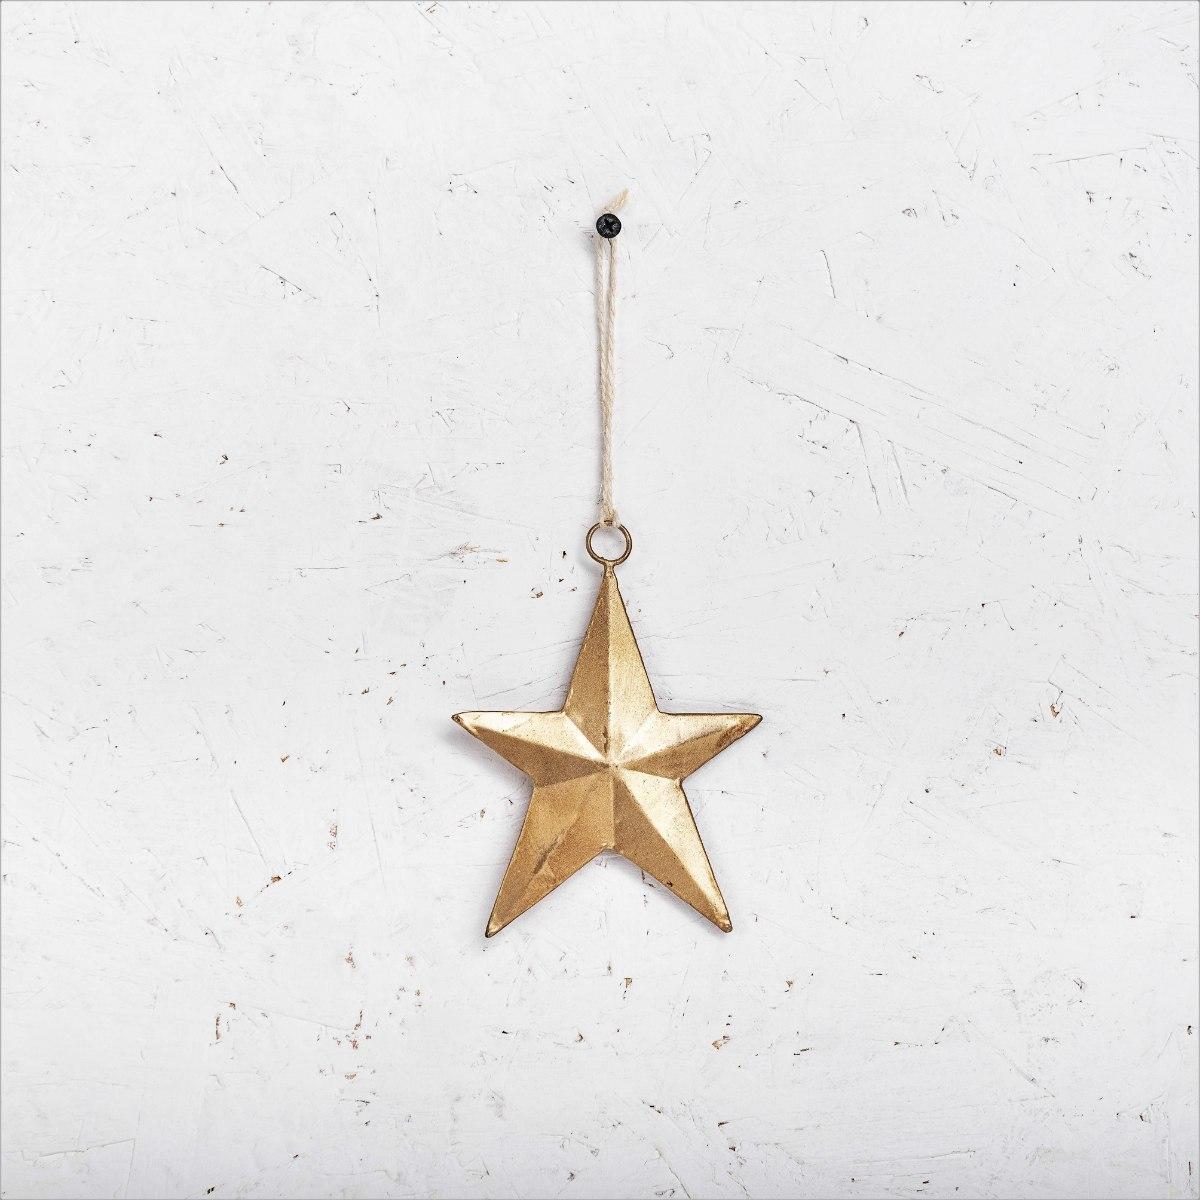 כוכב ברזל - זהב